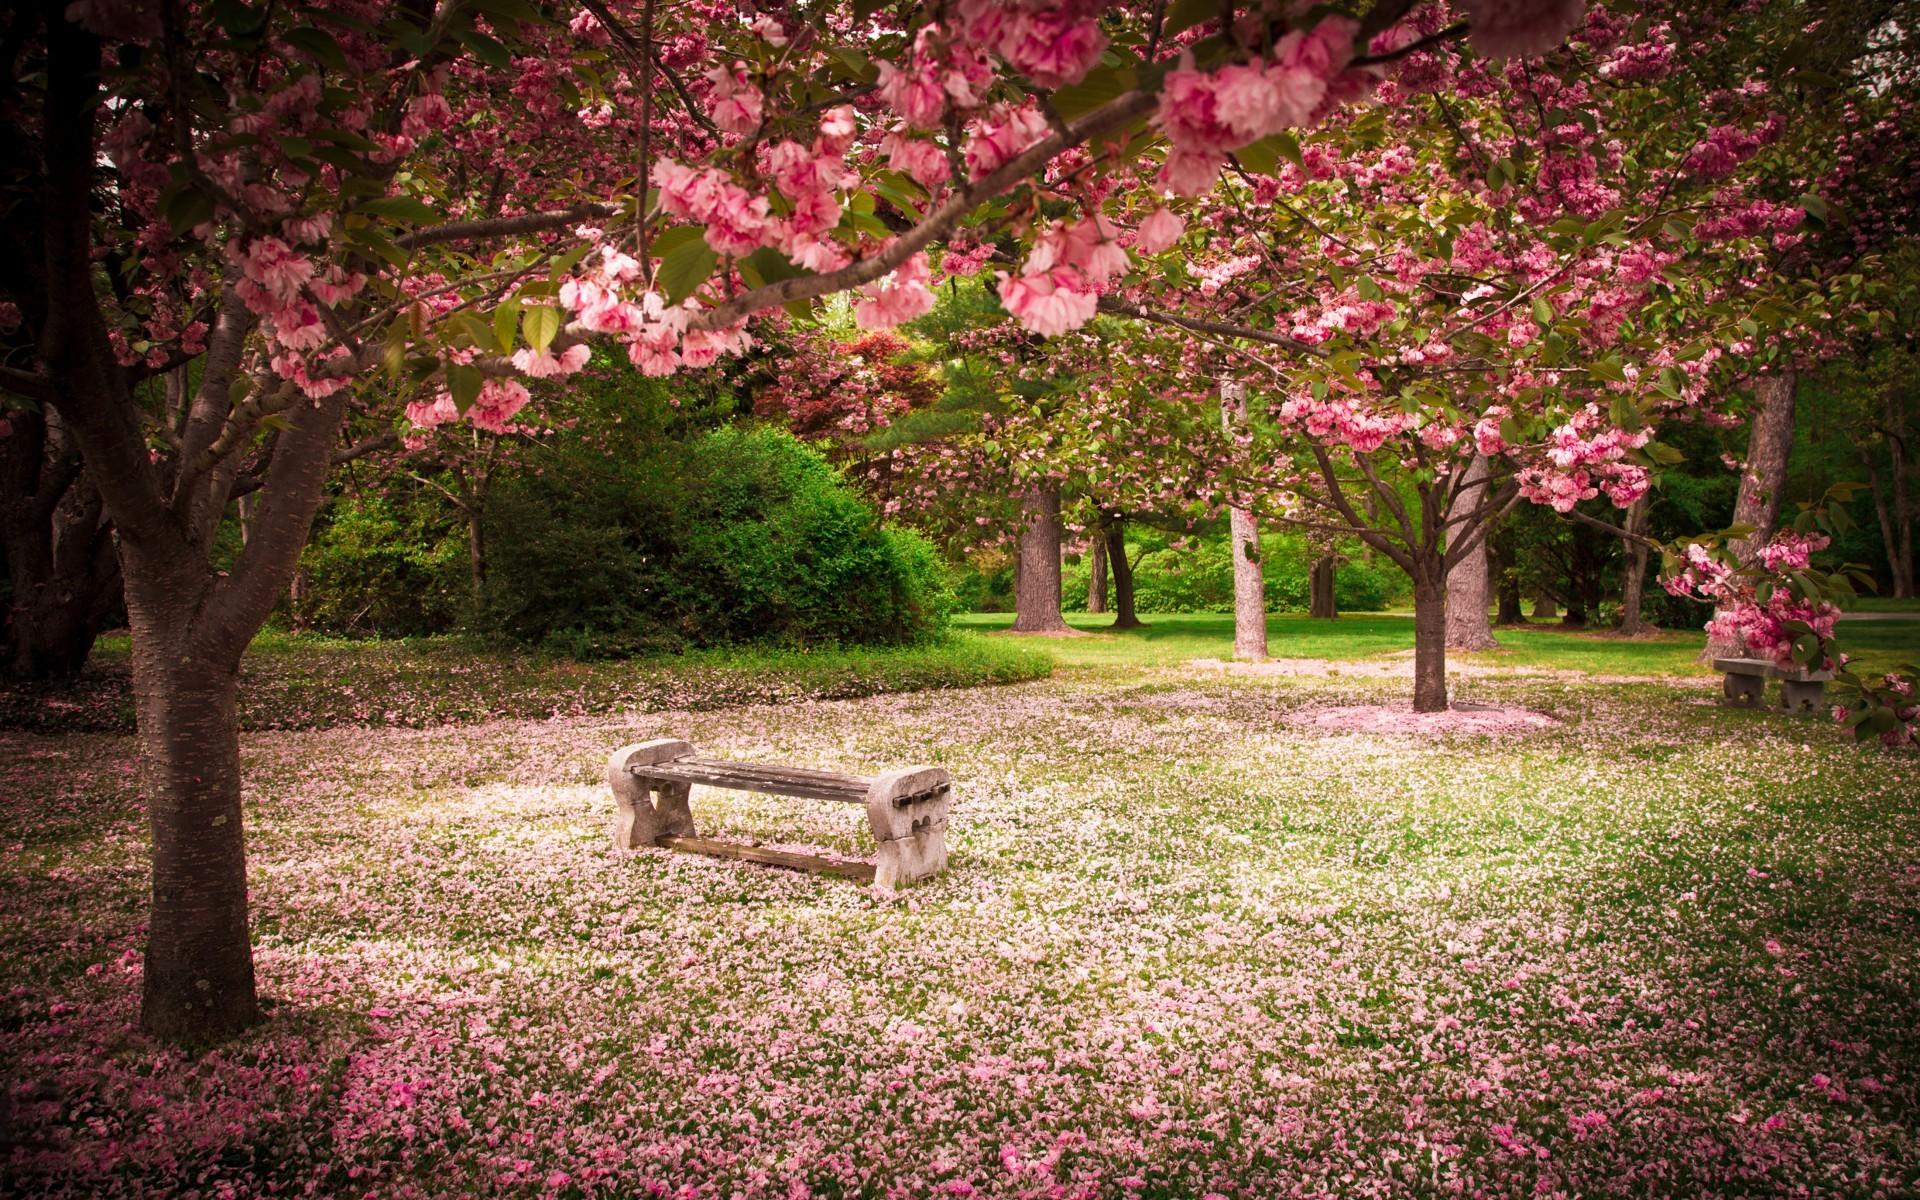 Fondos De Pantalla : Árboles, Jardín, Parque, Banco